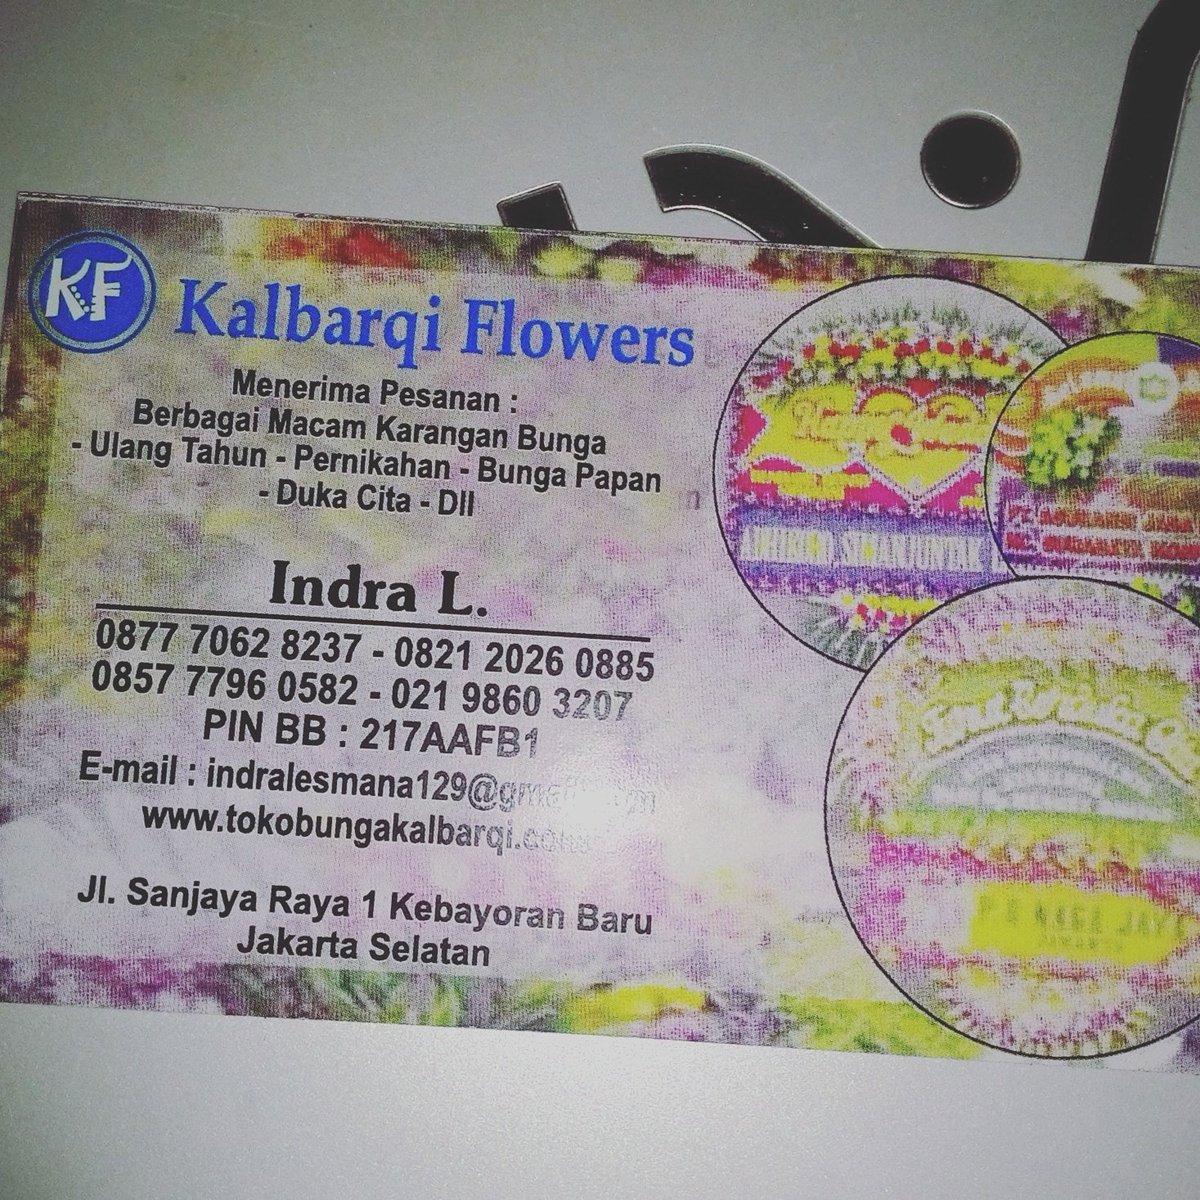 Toko Bunga Jakarta على تويتر Tunjukkan Kartu Nama Tokobunga Kalbarqiflorist Untuk Memdapatkan Diskon 50 Berbagai Aneka Karanganbunga Simpan Https T Co Bofnxxogdu